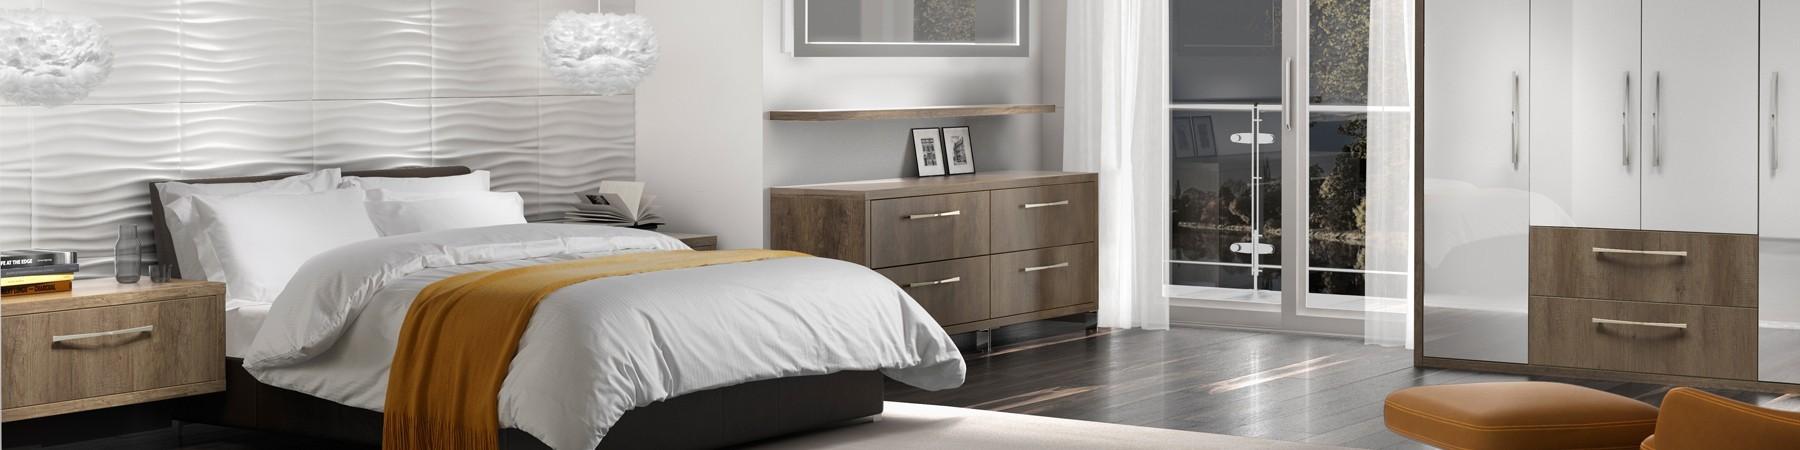 Giường ngủ đôi chất lượng, chính hãng, gỗ tốt cho phòng ngủ gia đình